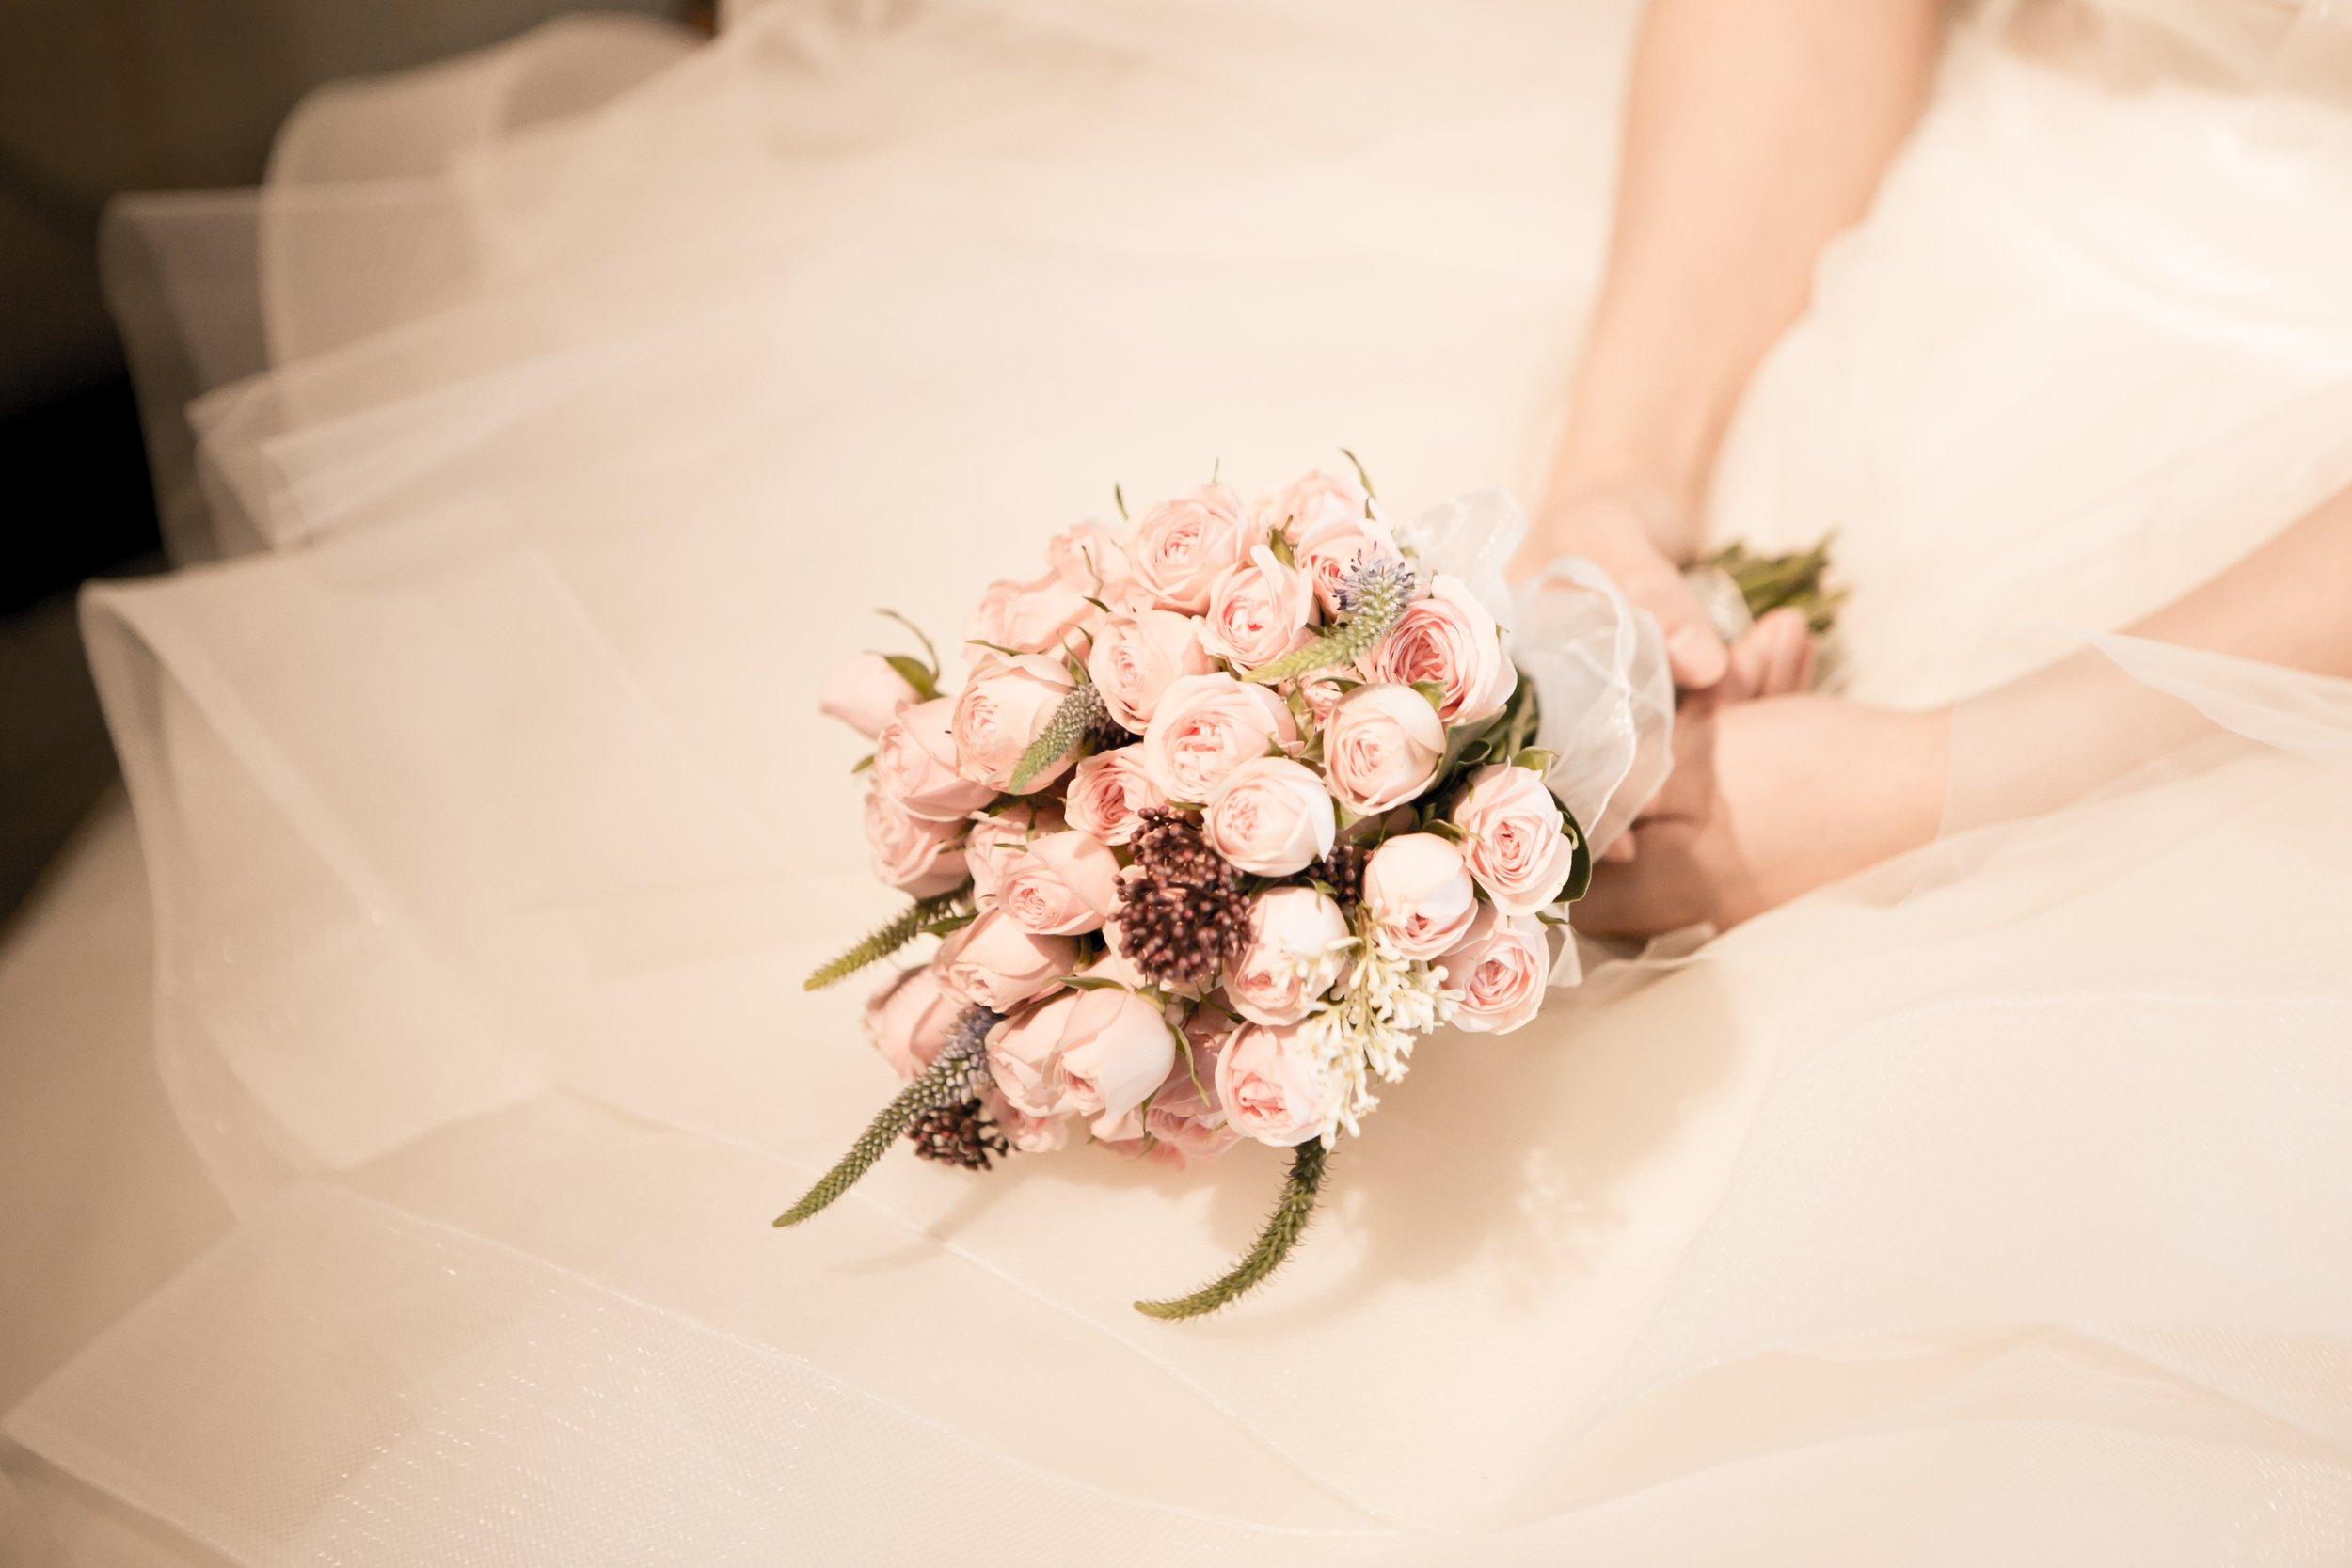 plant-woman-photography-flower-petal-bouquet-553572-pxhere.com.jpg